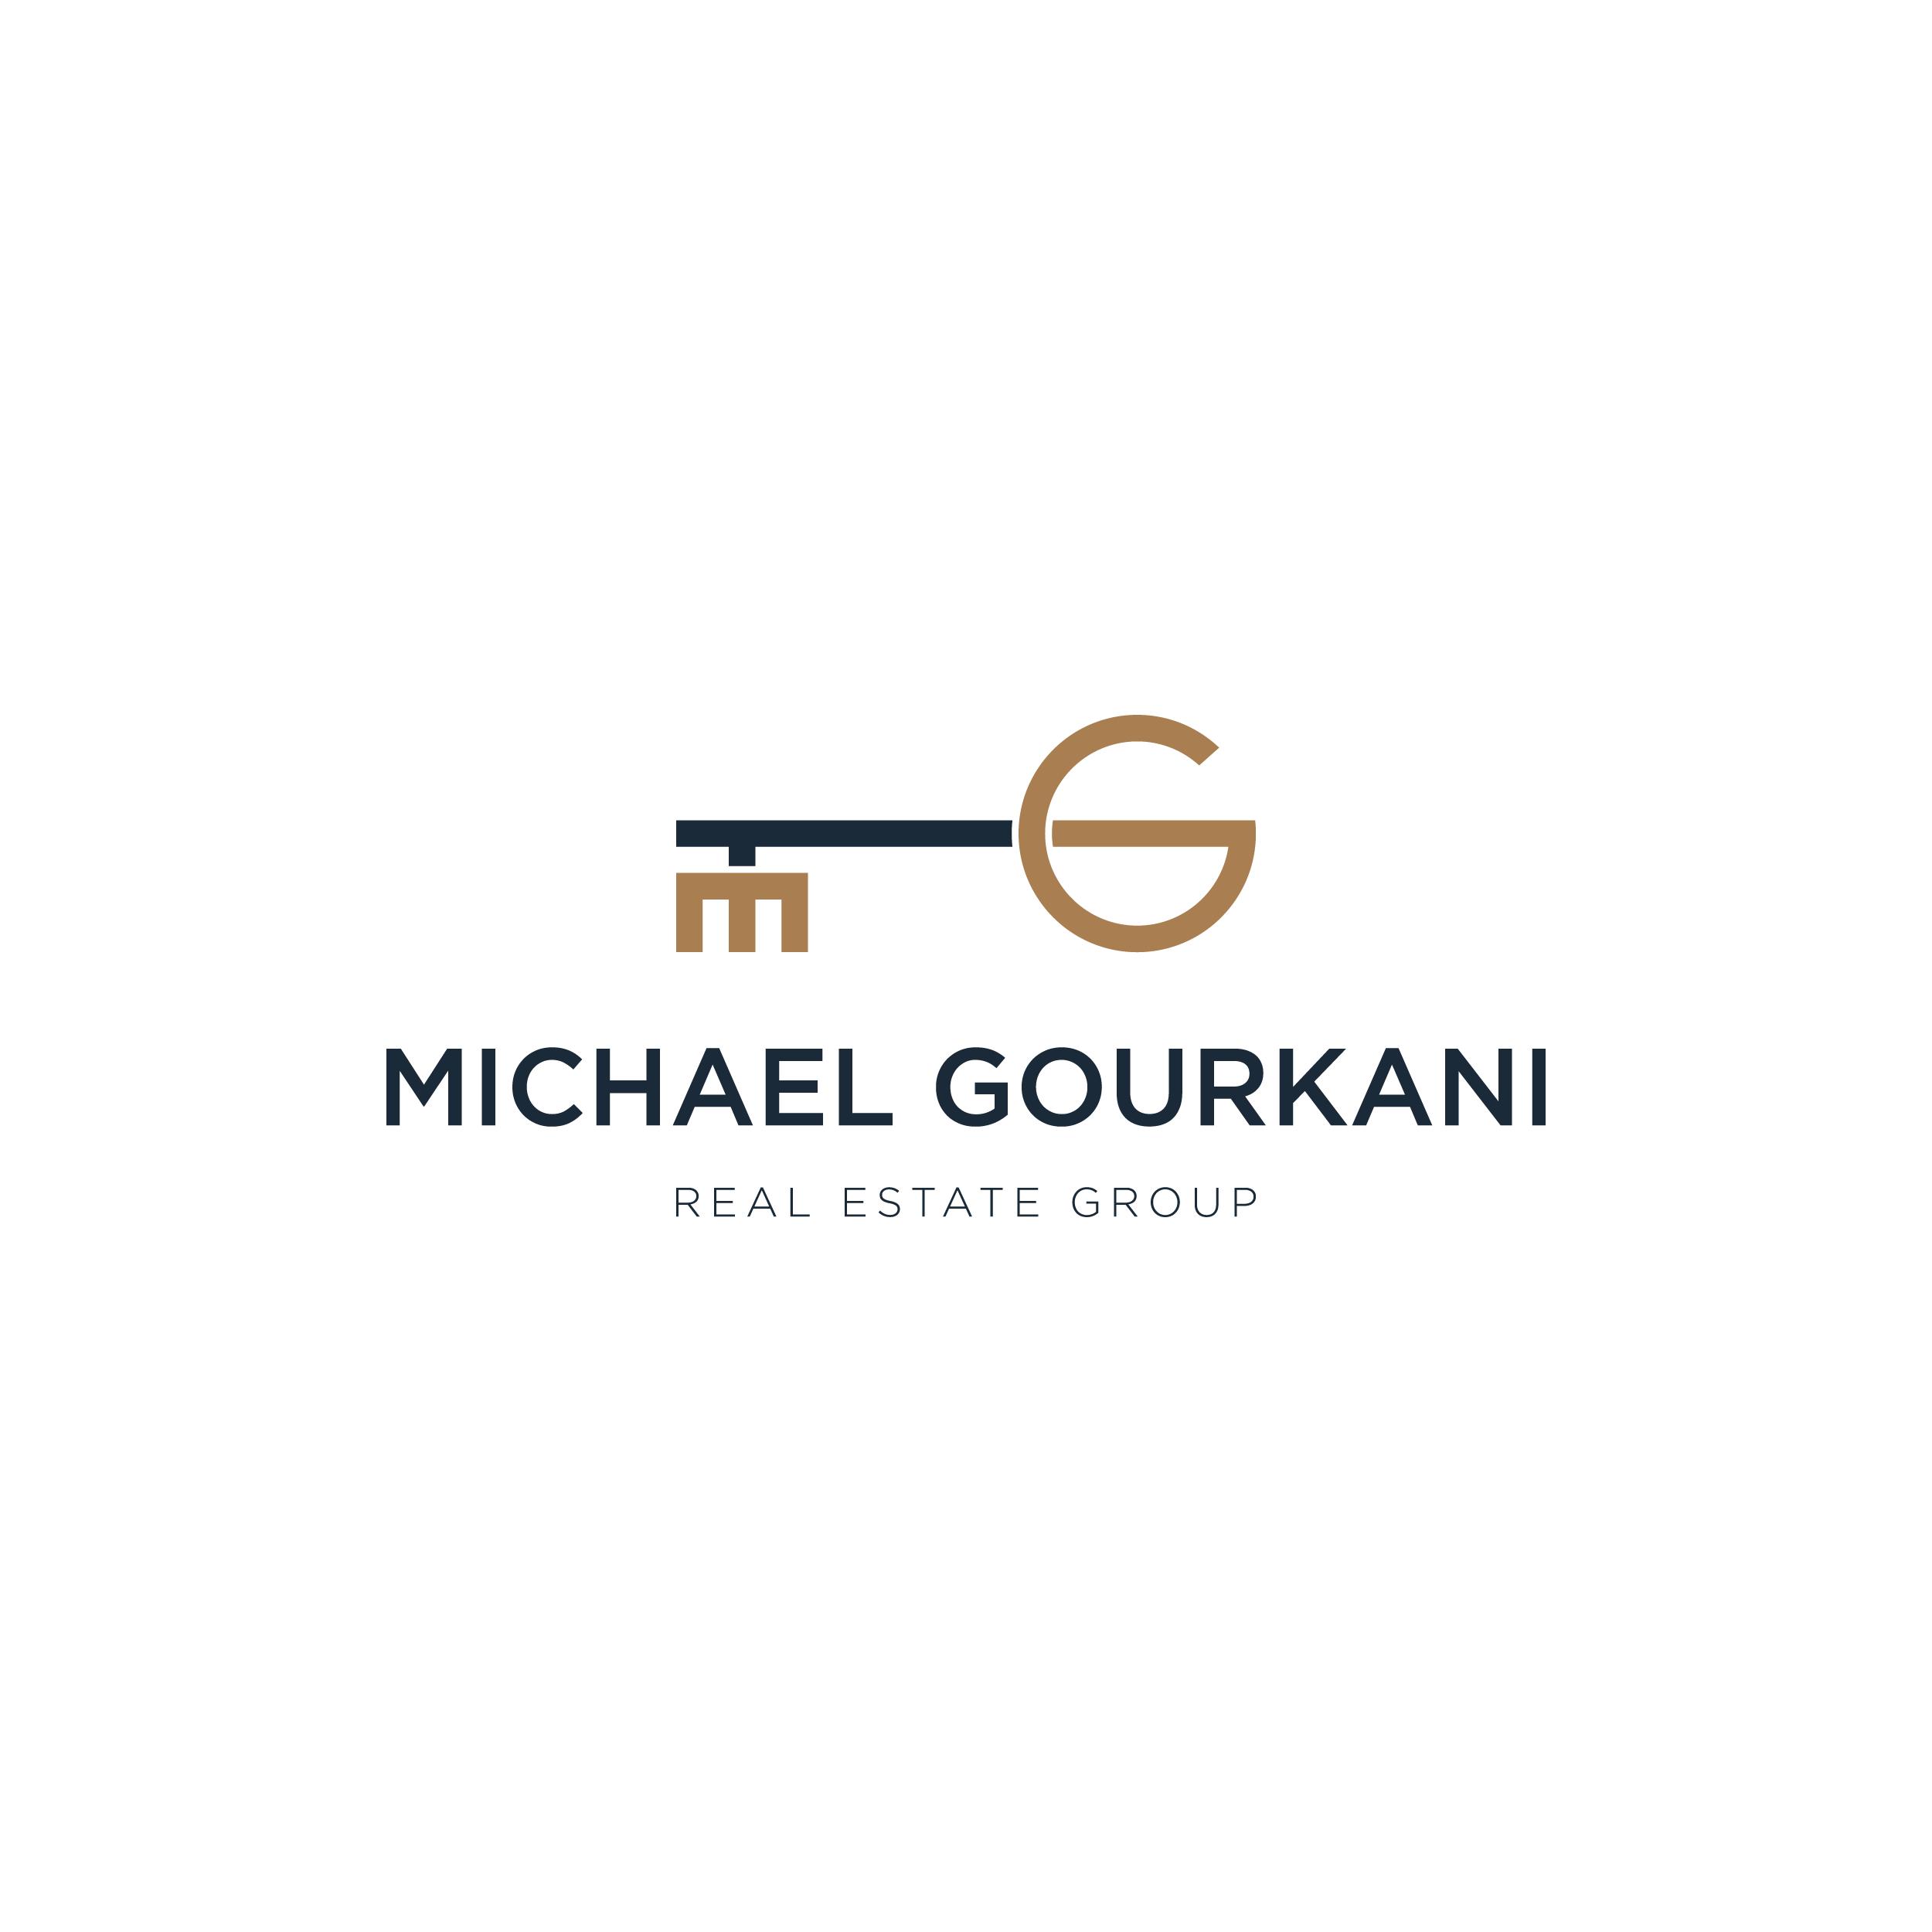 Winning Entry #96 for Logo Design contest - Real Estate Logo Design for Michael Gourkani Real Estate Group - original